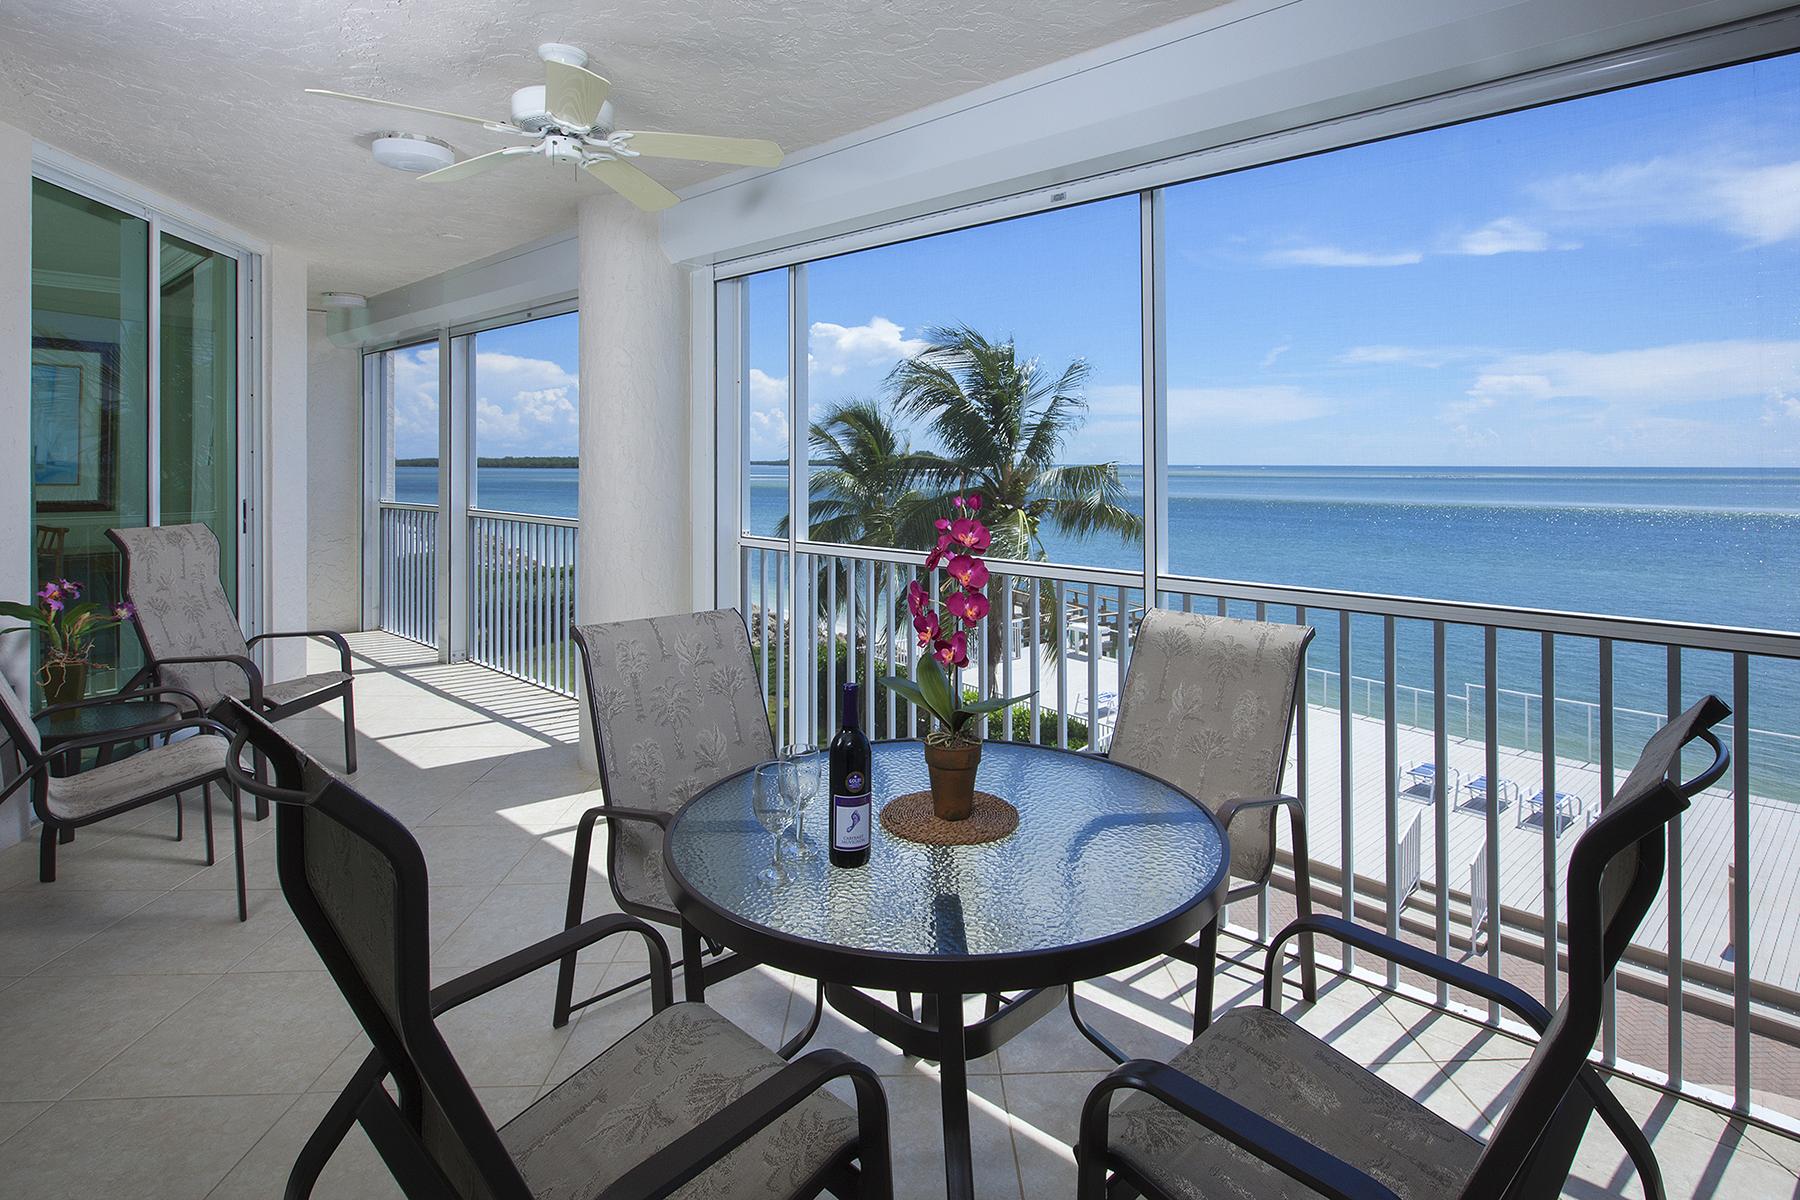 Condomínio para Venda às MARCO ISLAND - MIRAGE 1070 S Collier Blvd 304 Marco Island, Florida, 34145 Estados Unidos